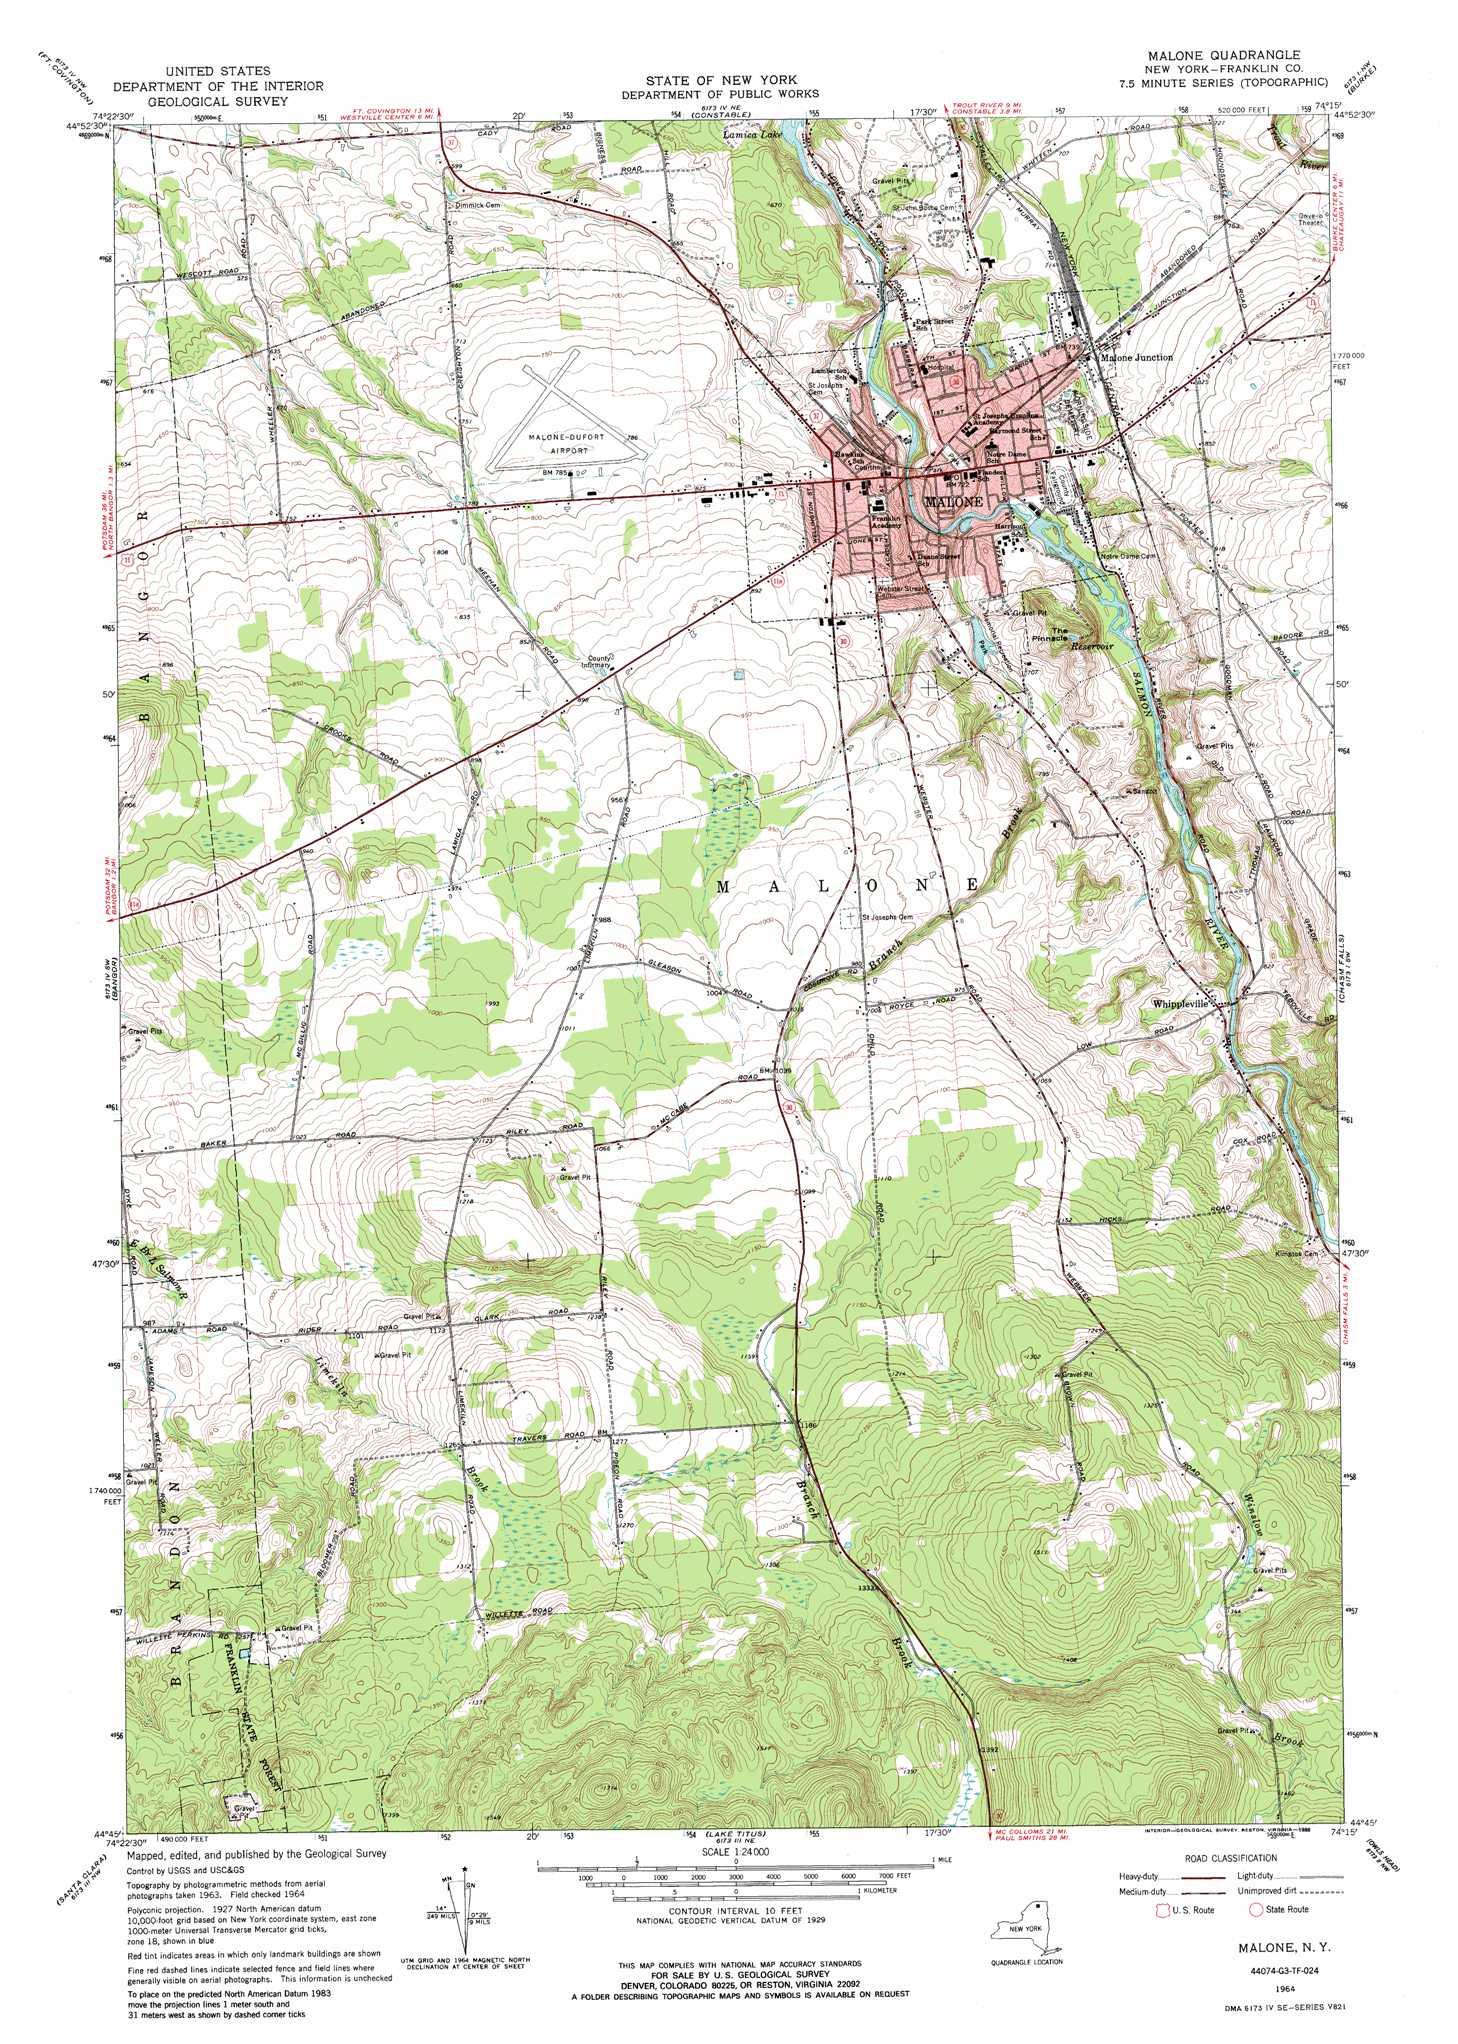 Malone topographic map, NY - USGS Topo Quad 44074g3